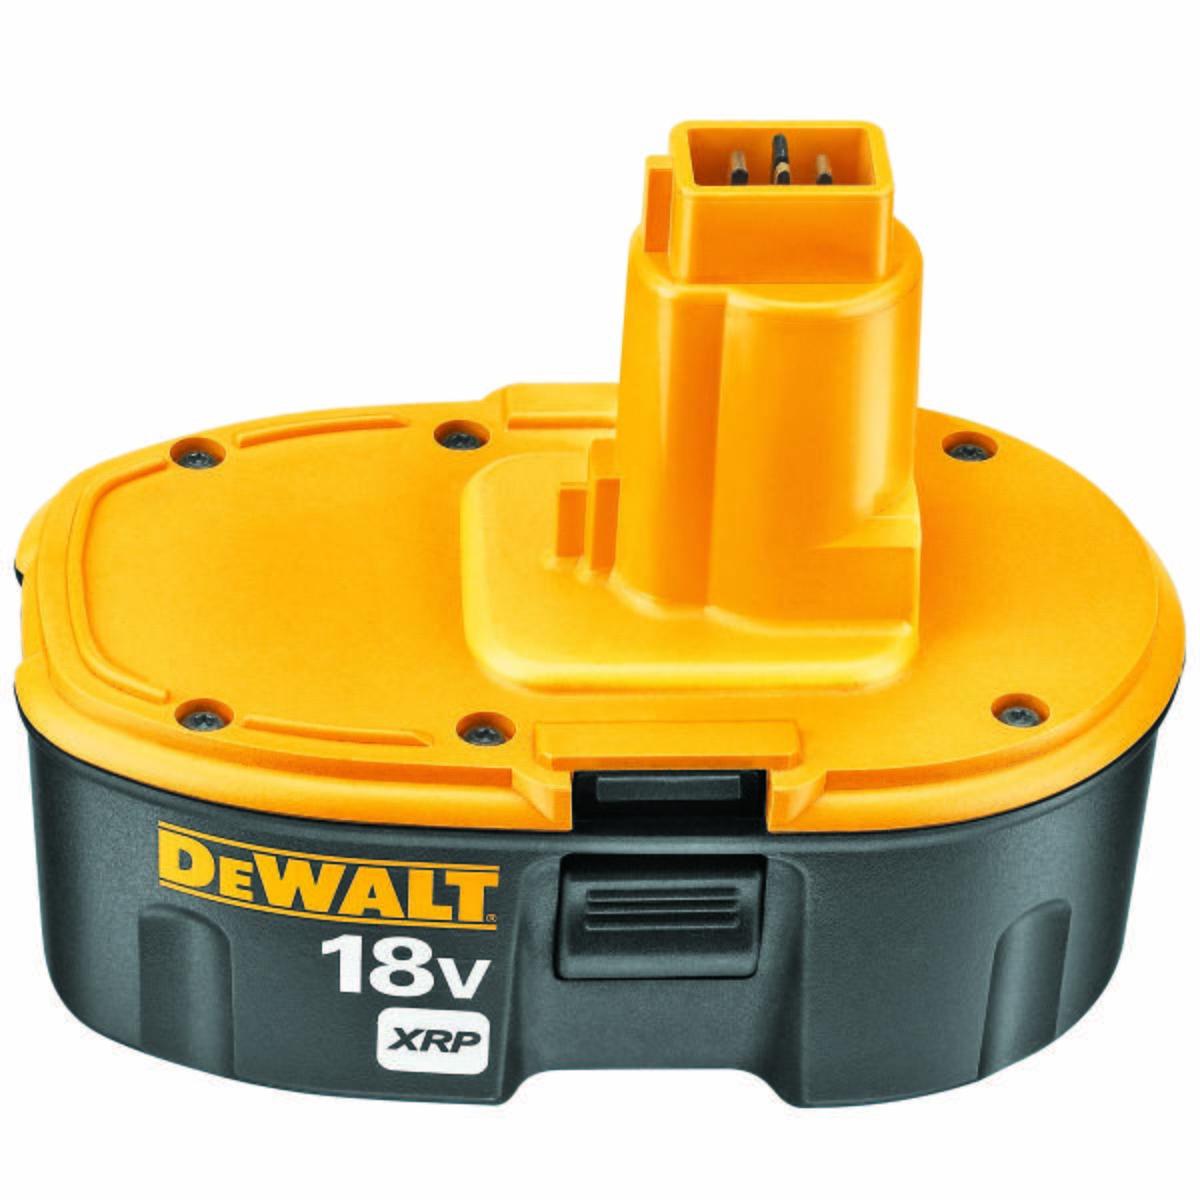 18V XRP Battery Pack